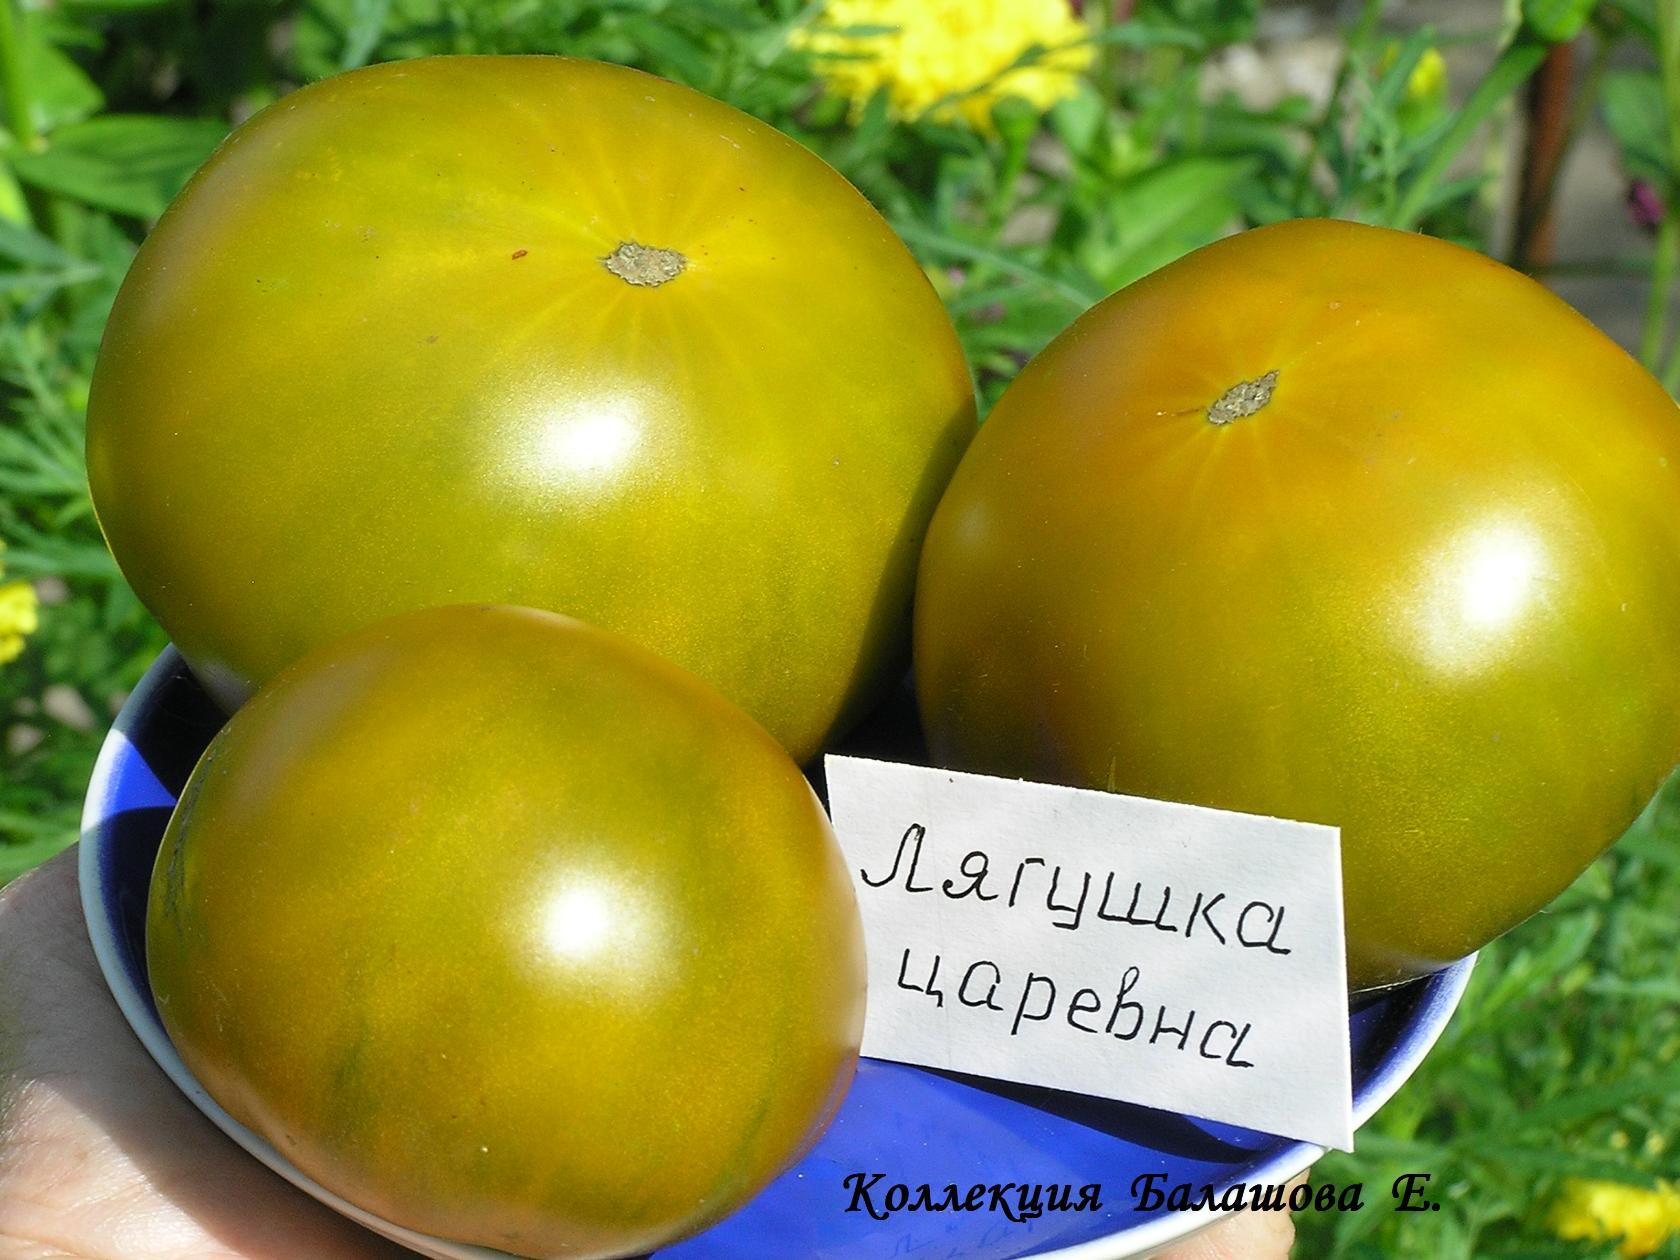 помидор лягушка царевна на фото отзывы